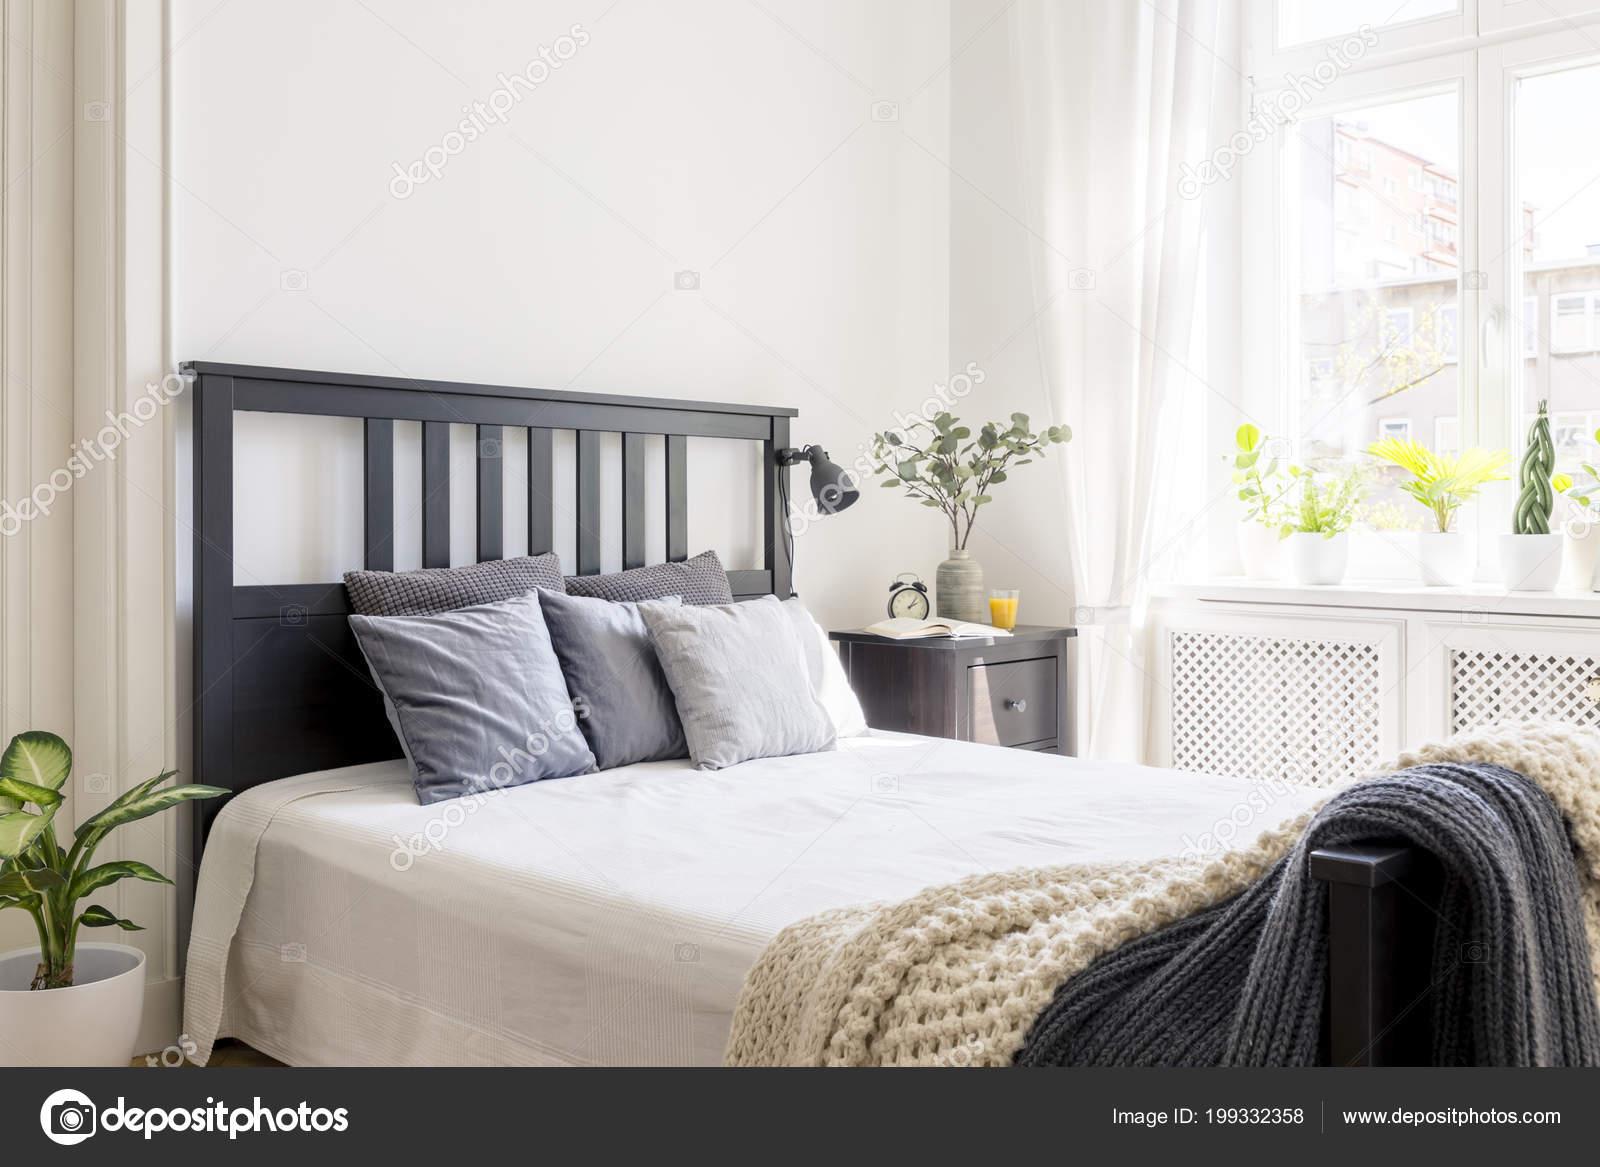 Letto Con Testiera Porta Cuscini : Cuscini una coperta sul letto con testiera nero interno camera